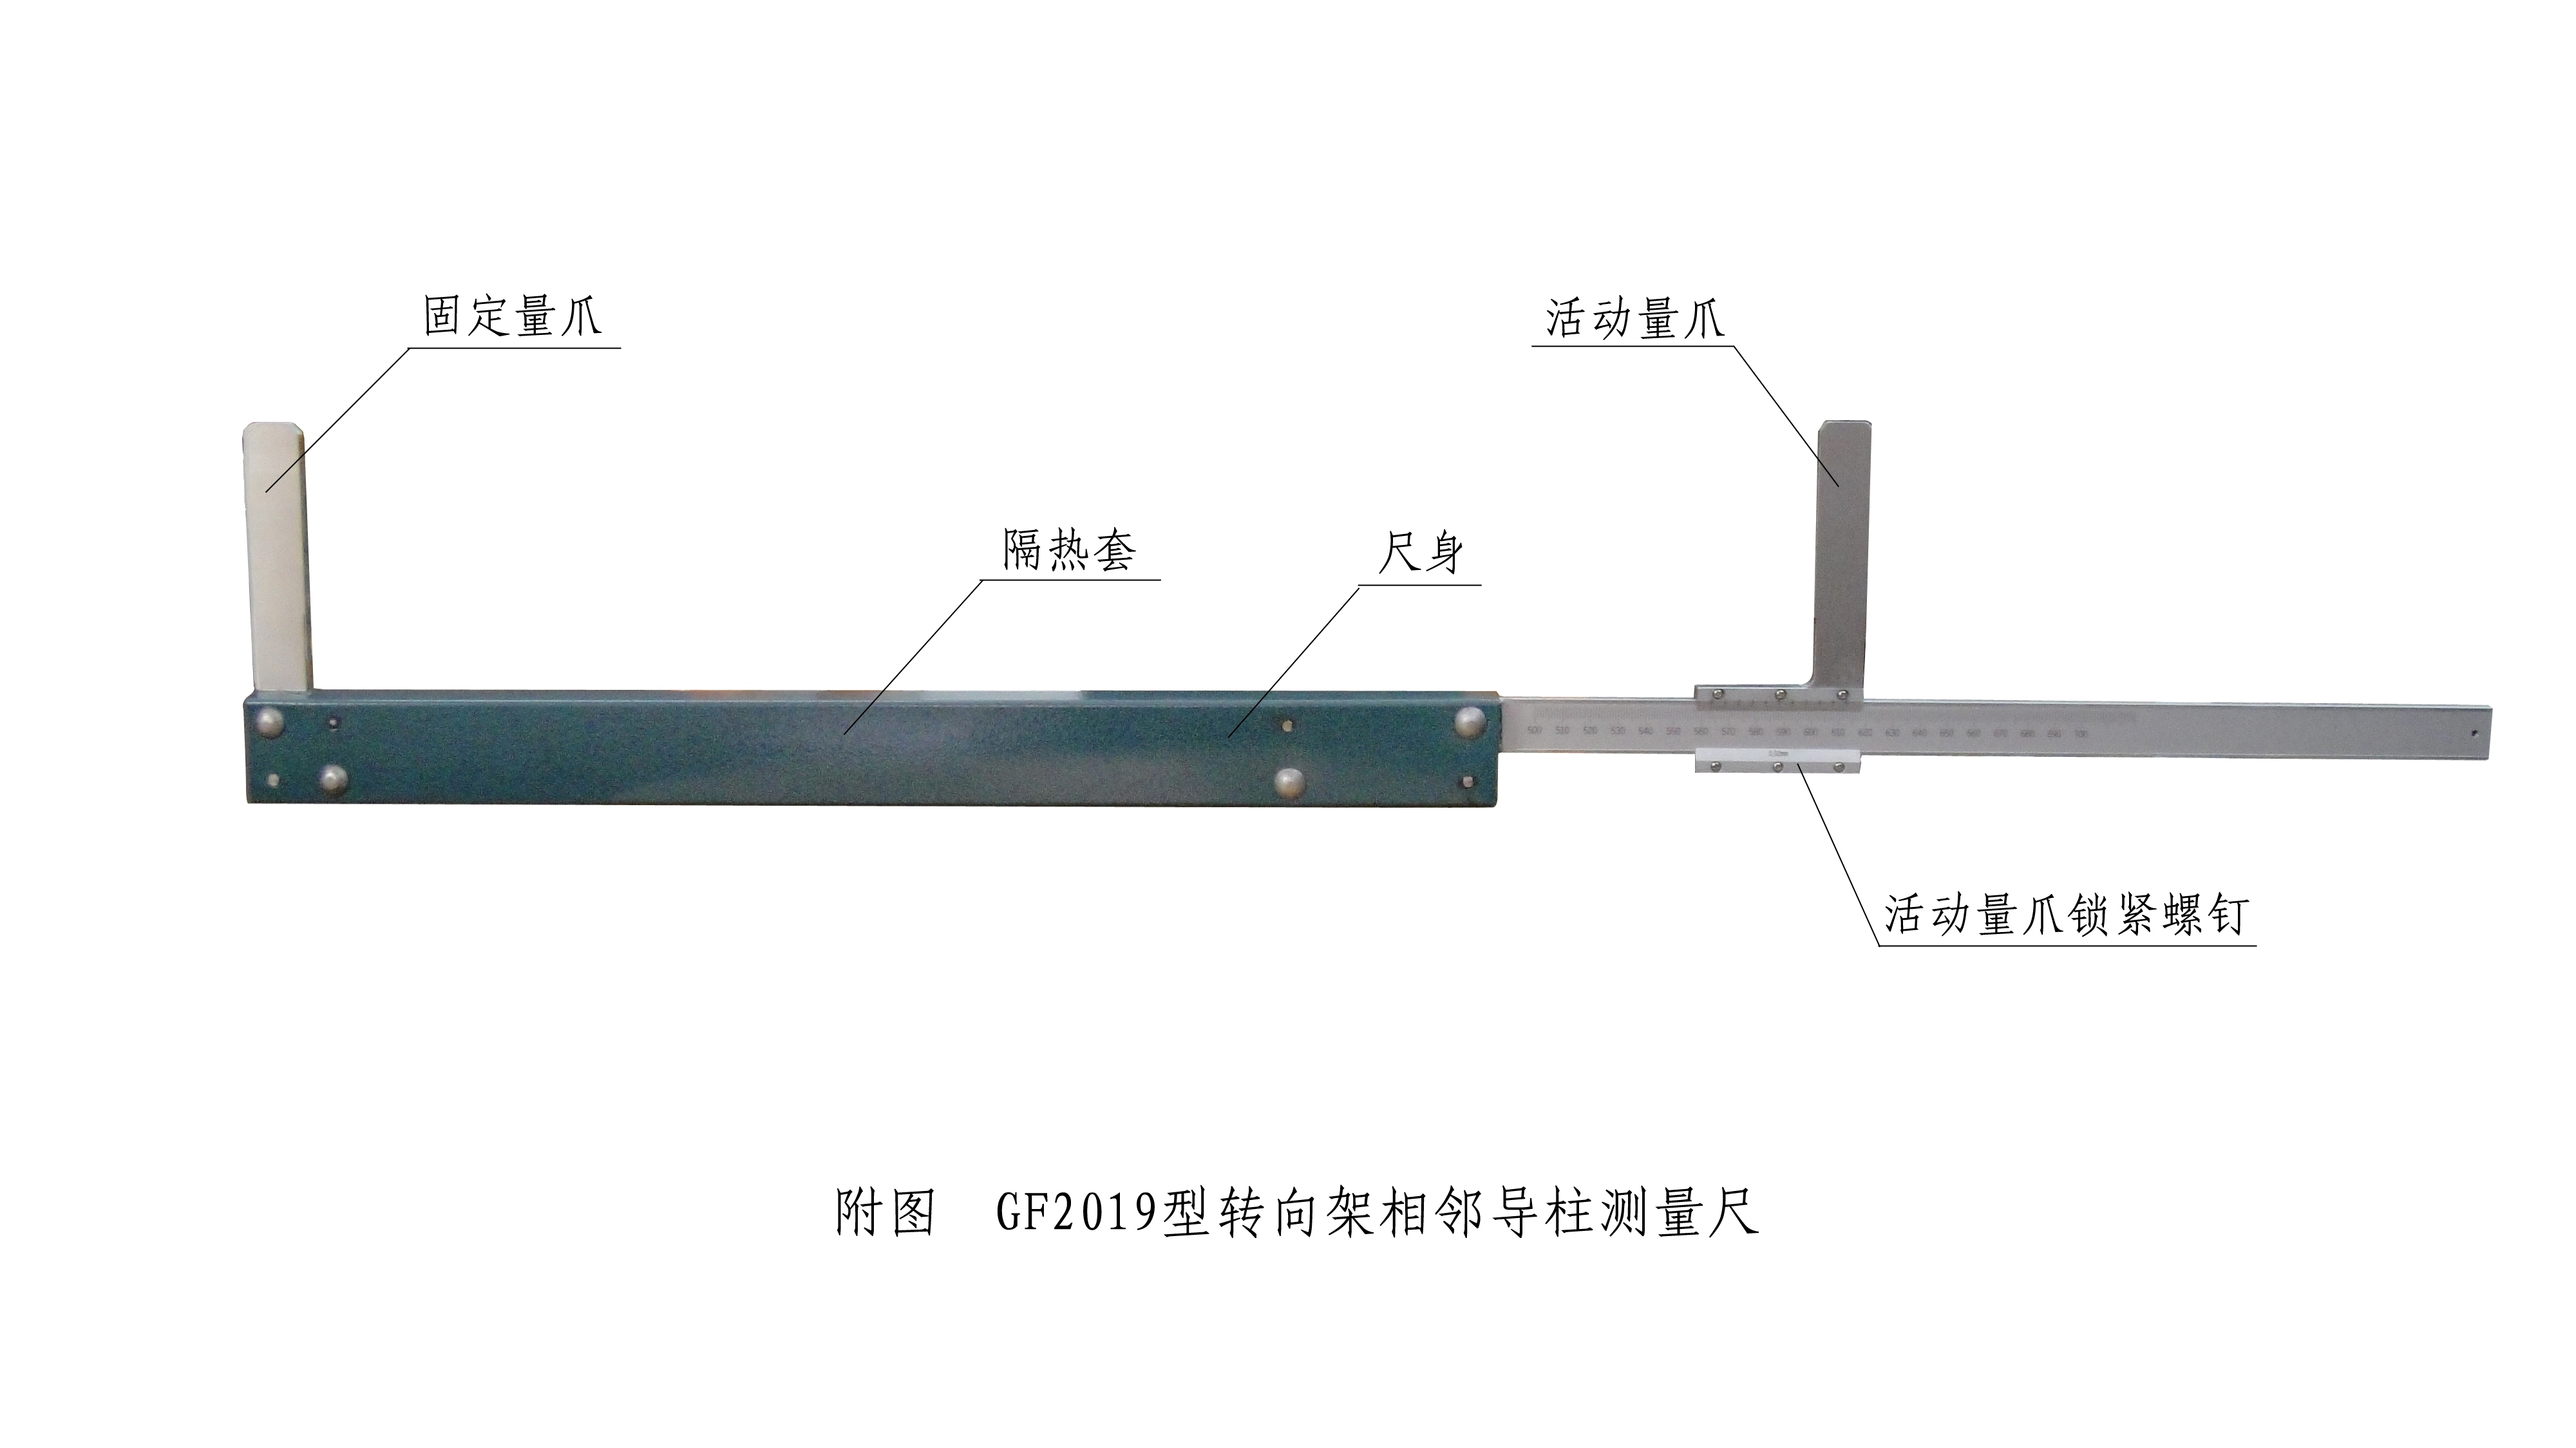 GF2019型转向架相邻导柱测量尺